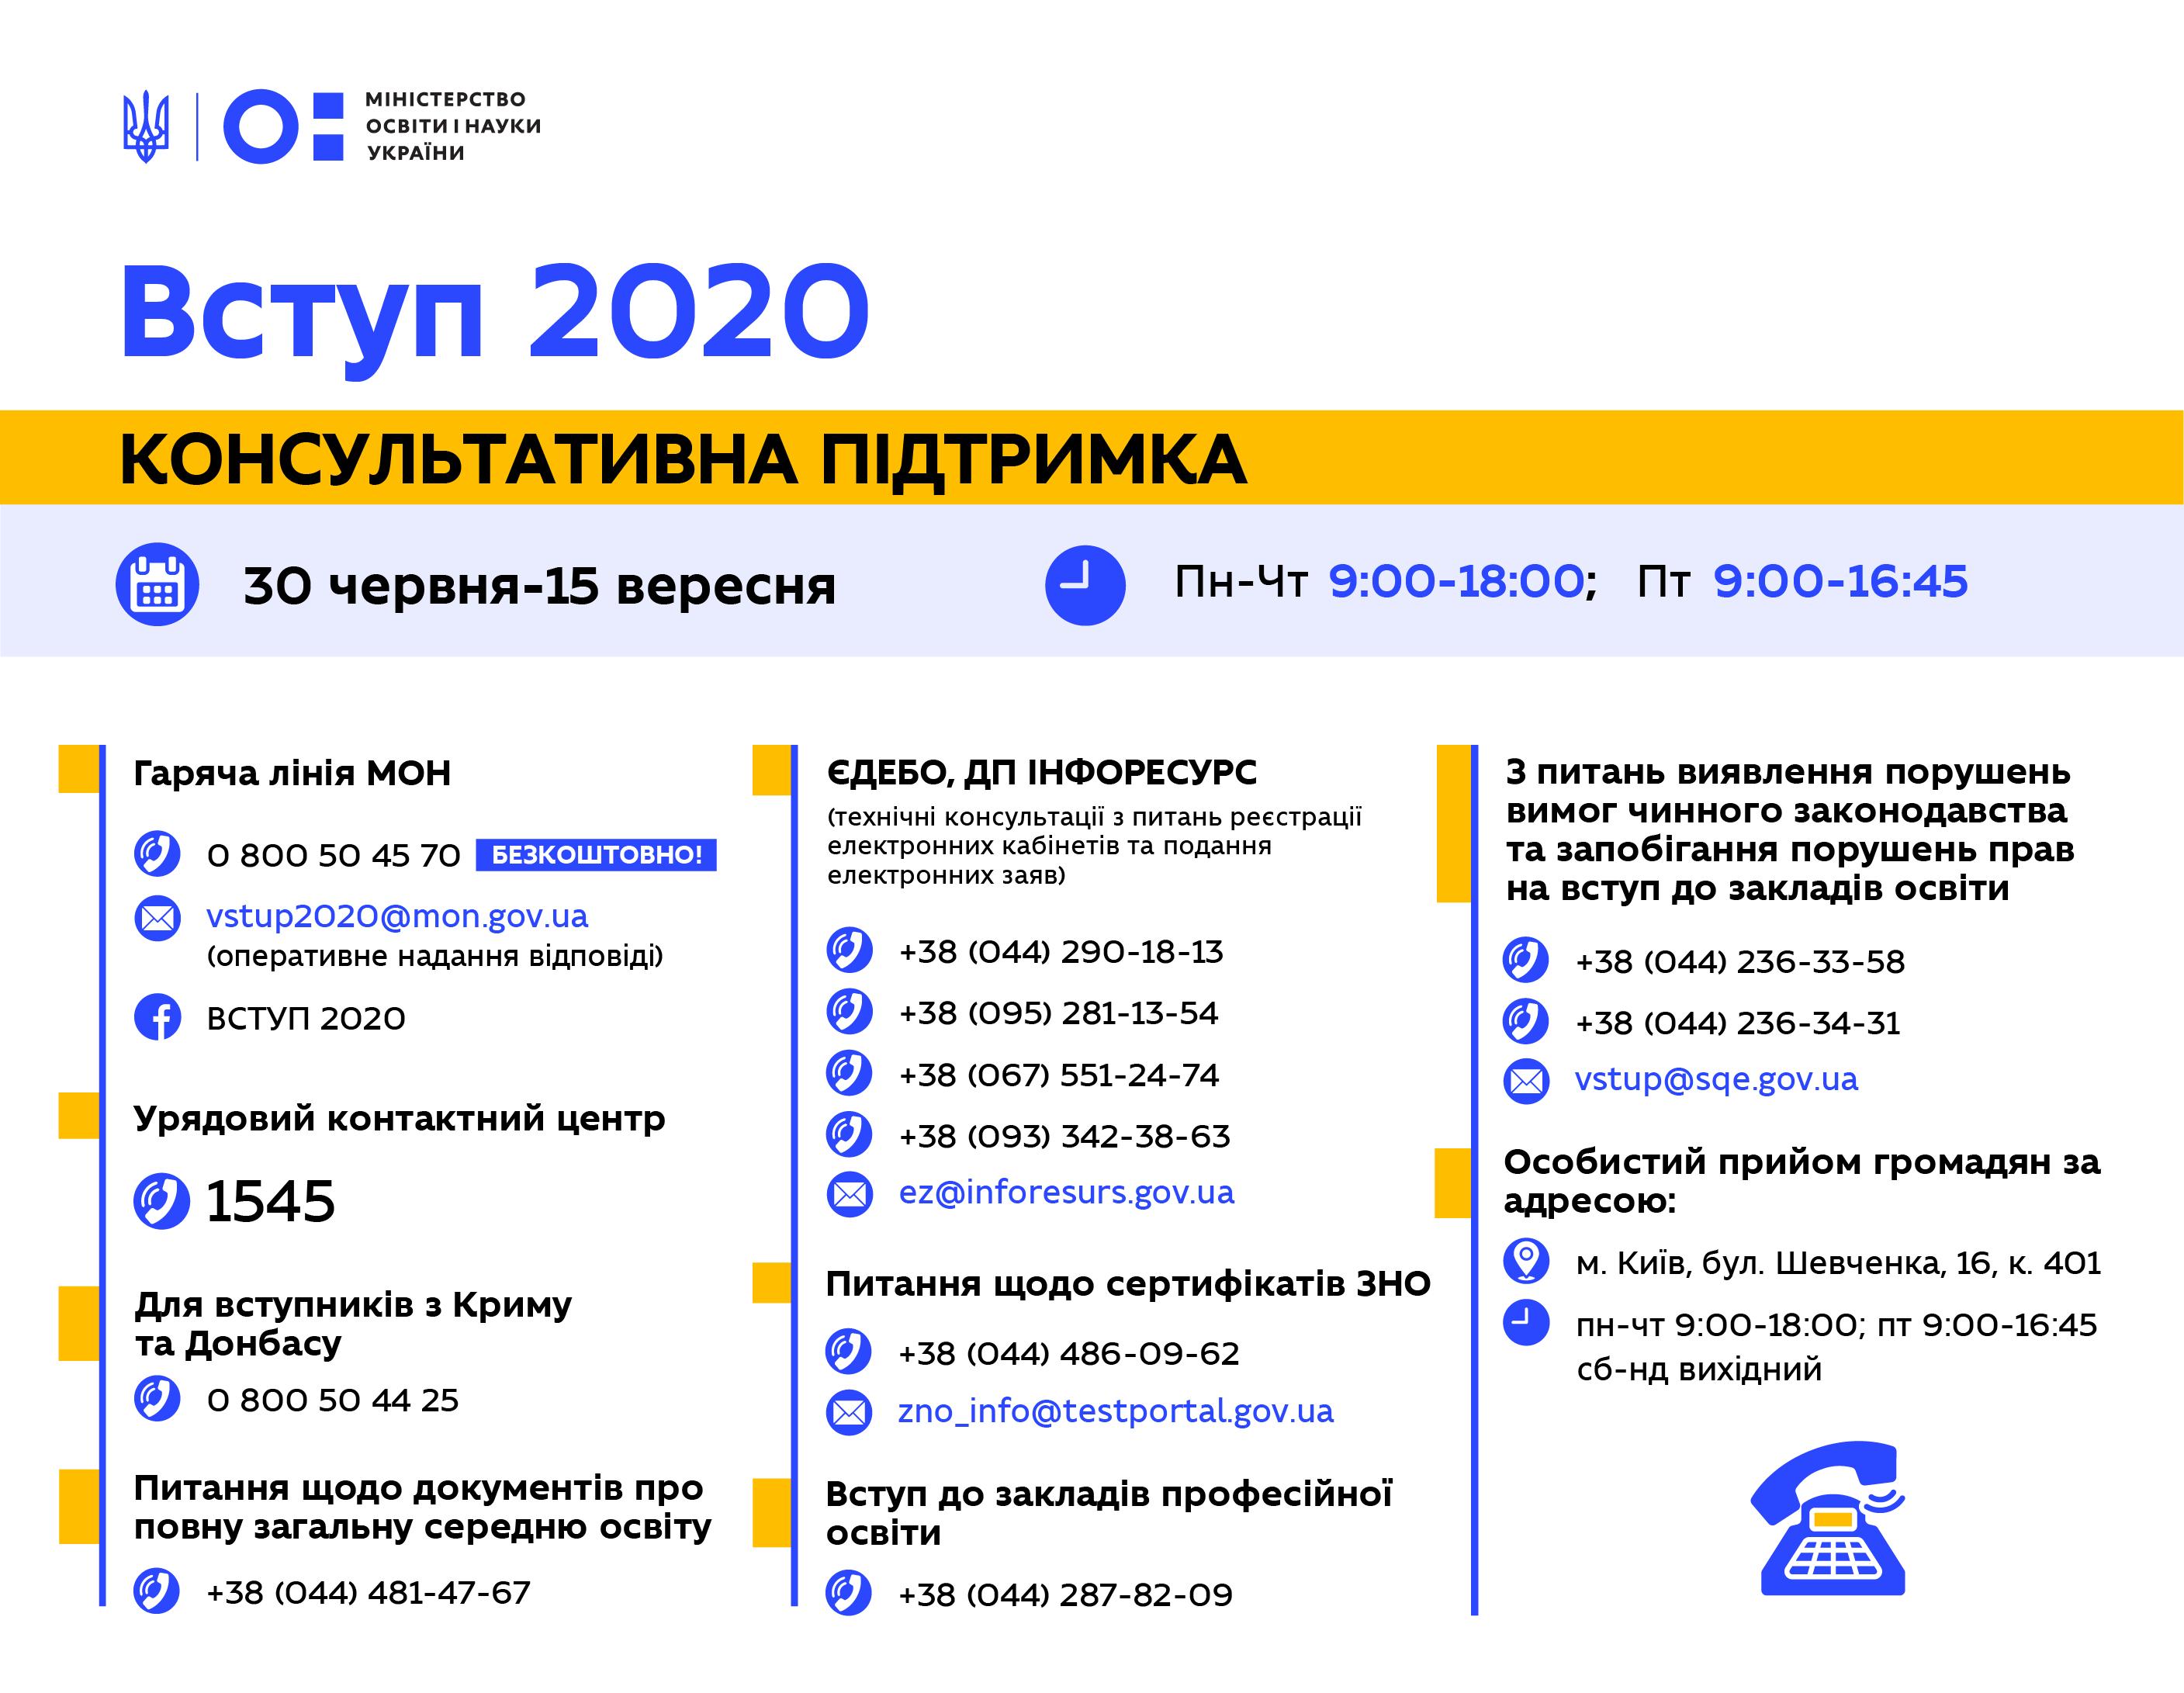 ставка реферирования 2020 на сегодня